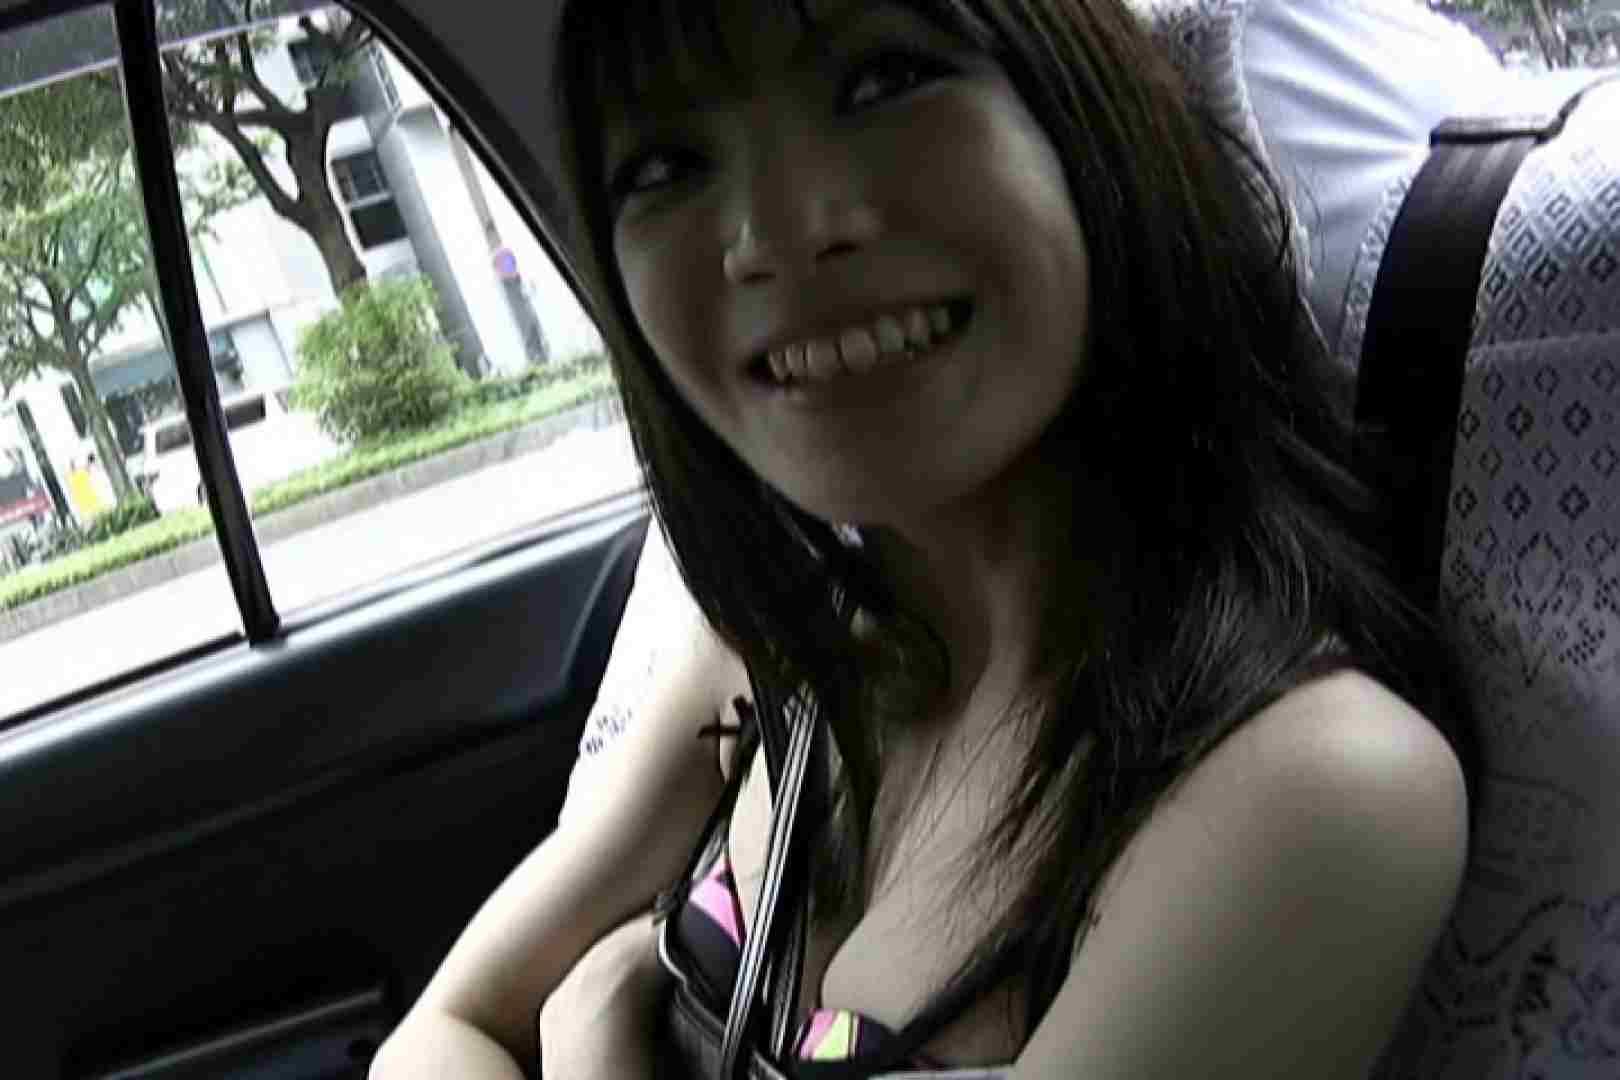 ハイビジョンパンチラ オッテQさんの追跡パンチラ制服女子編Vol.05 追跡  93pic 49